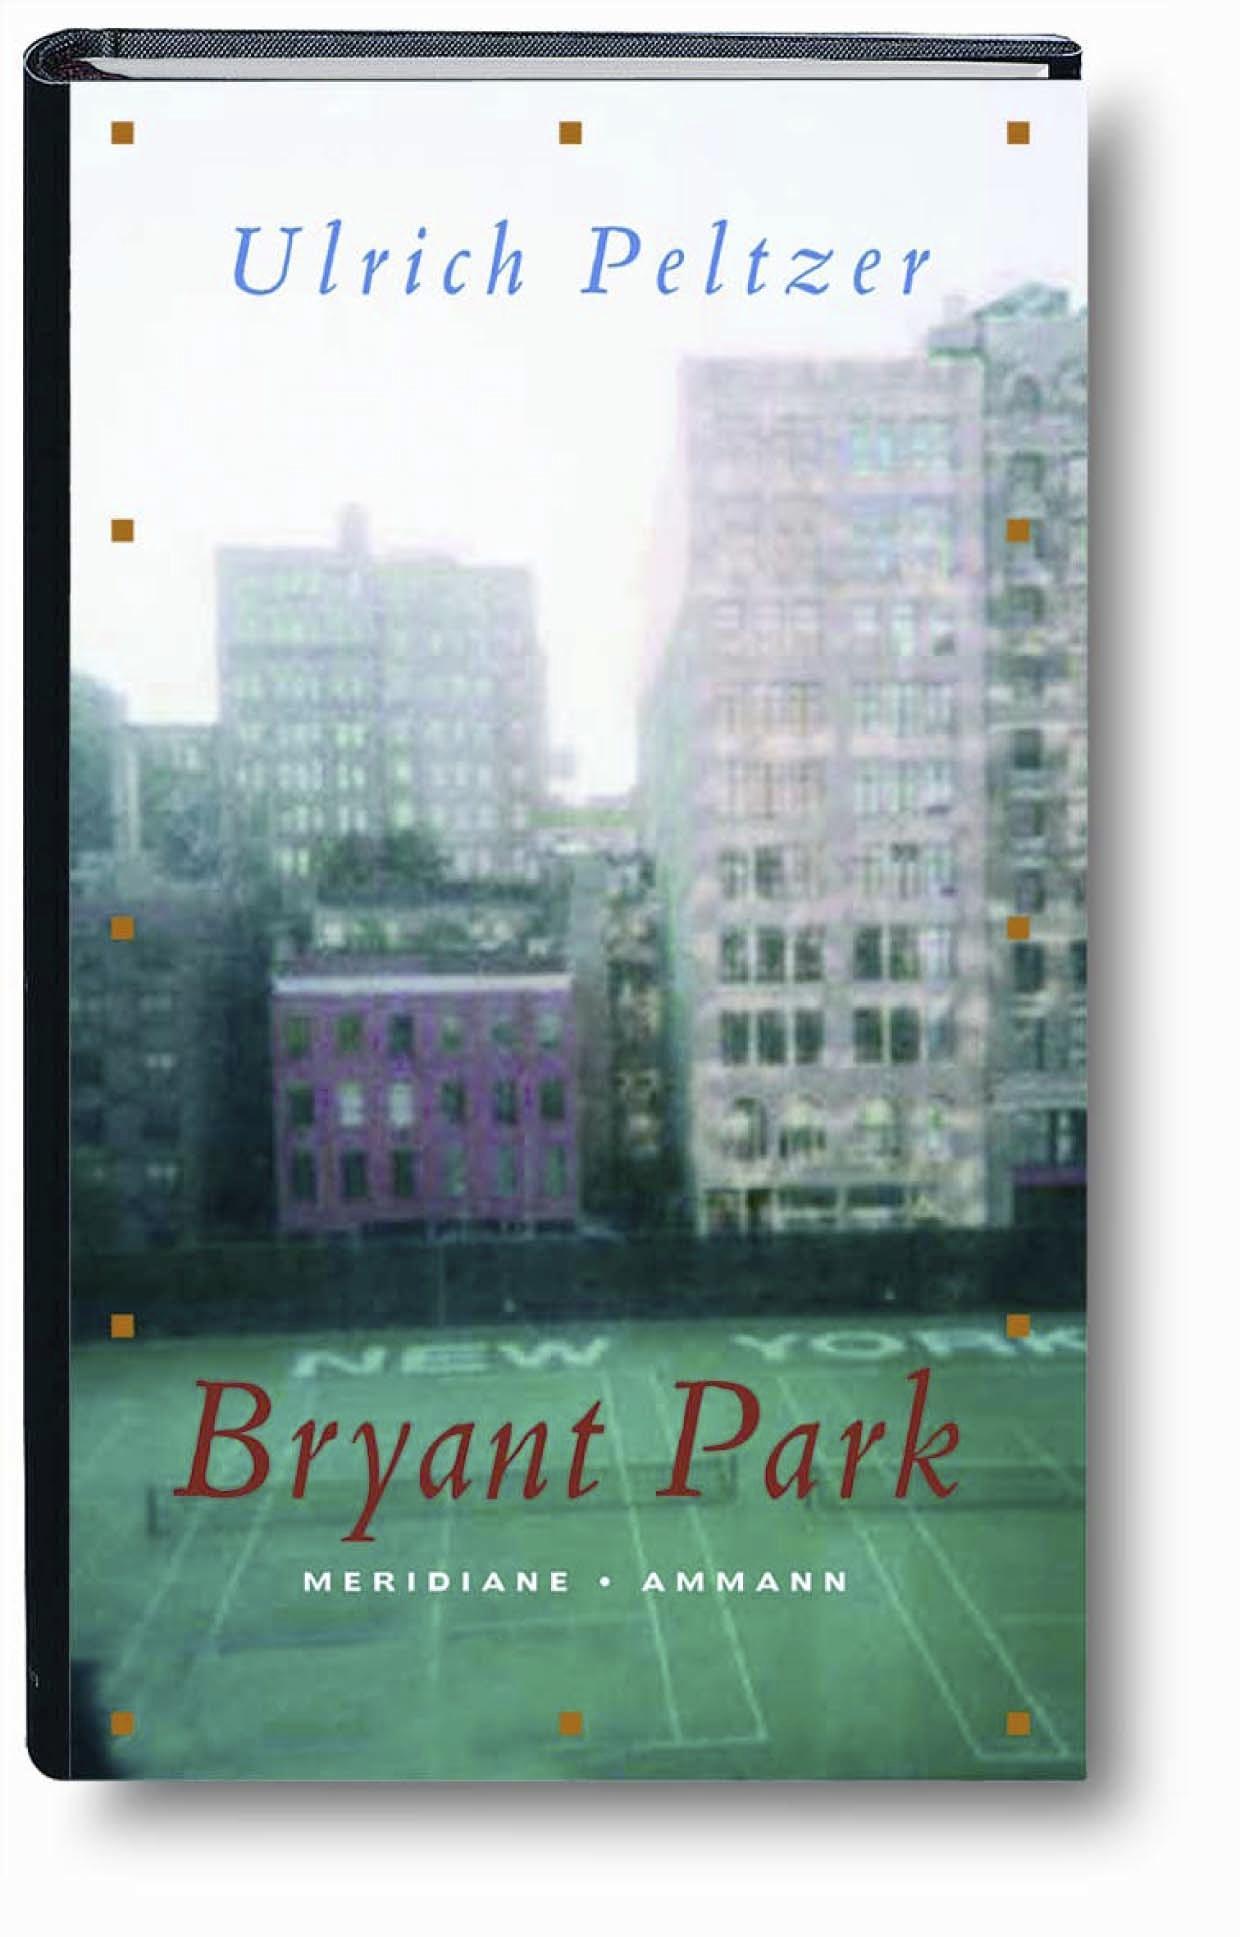 Bryant Park   Ulrich Peltzer    9783100608086